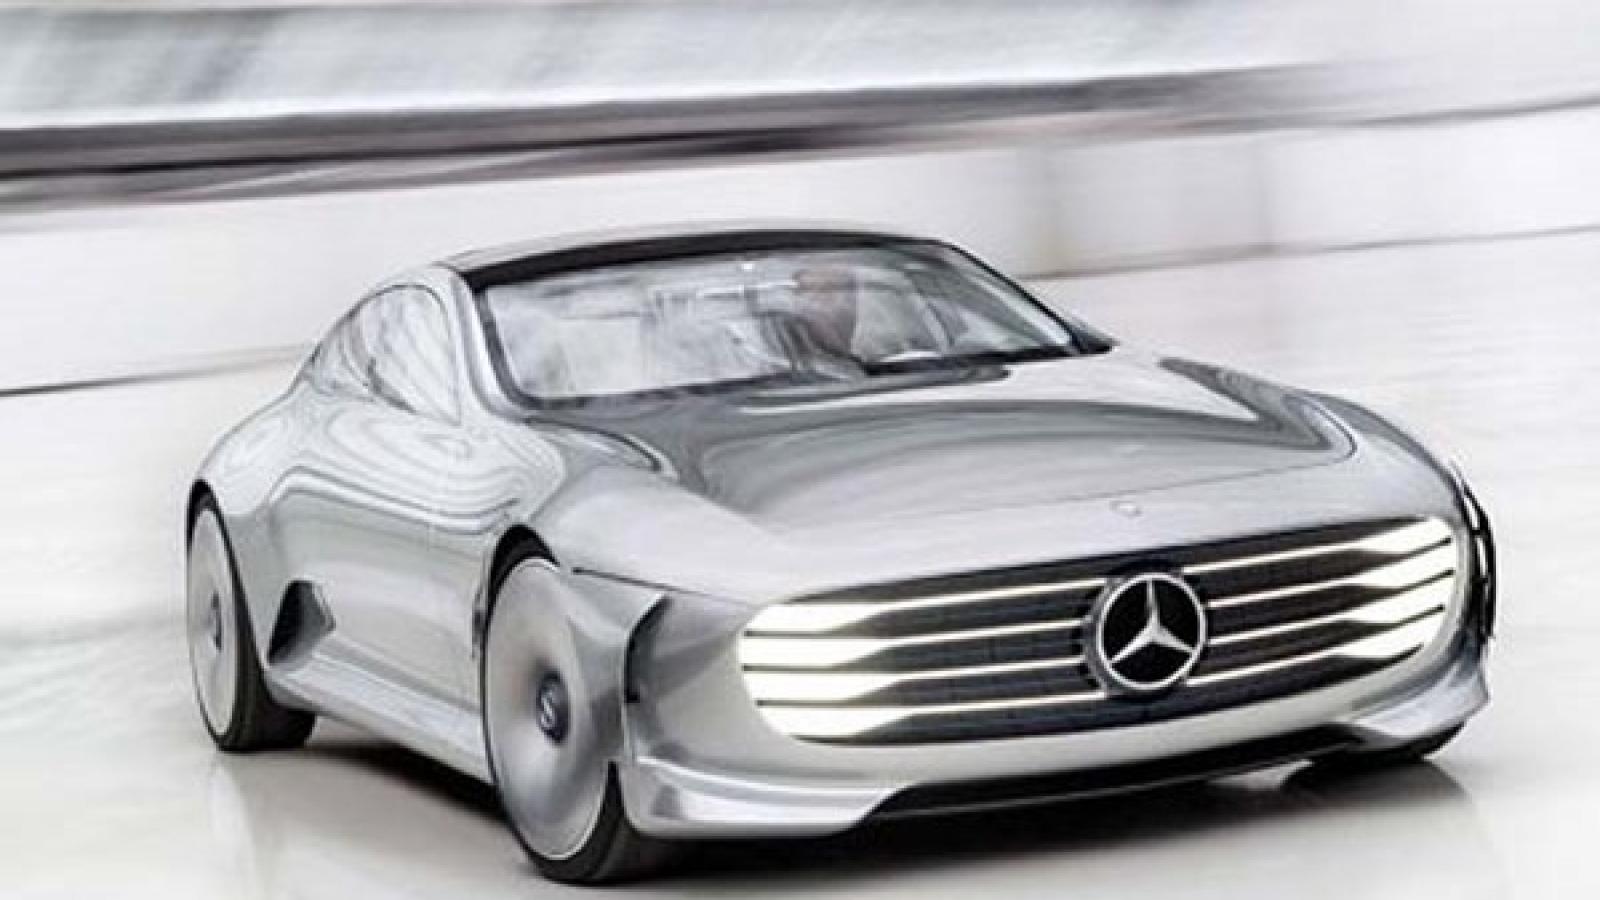 مرسدس بنز مفهومی - برقی از راه میرسد - اجاره خودرو طباطبایی